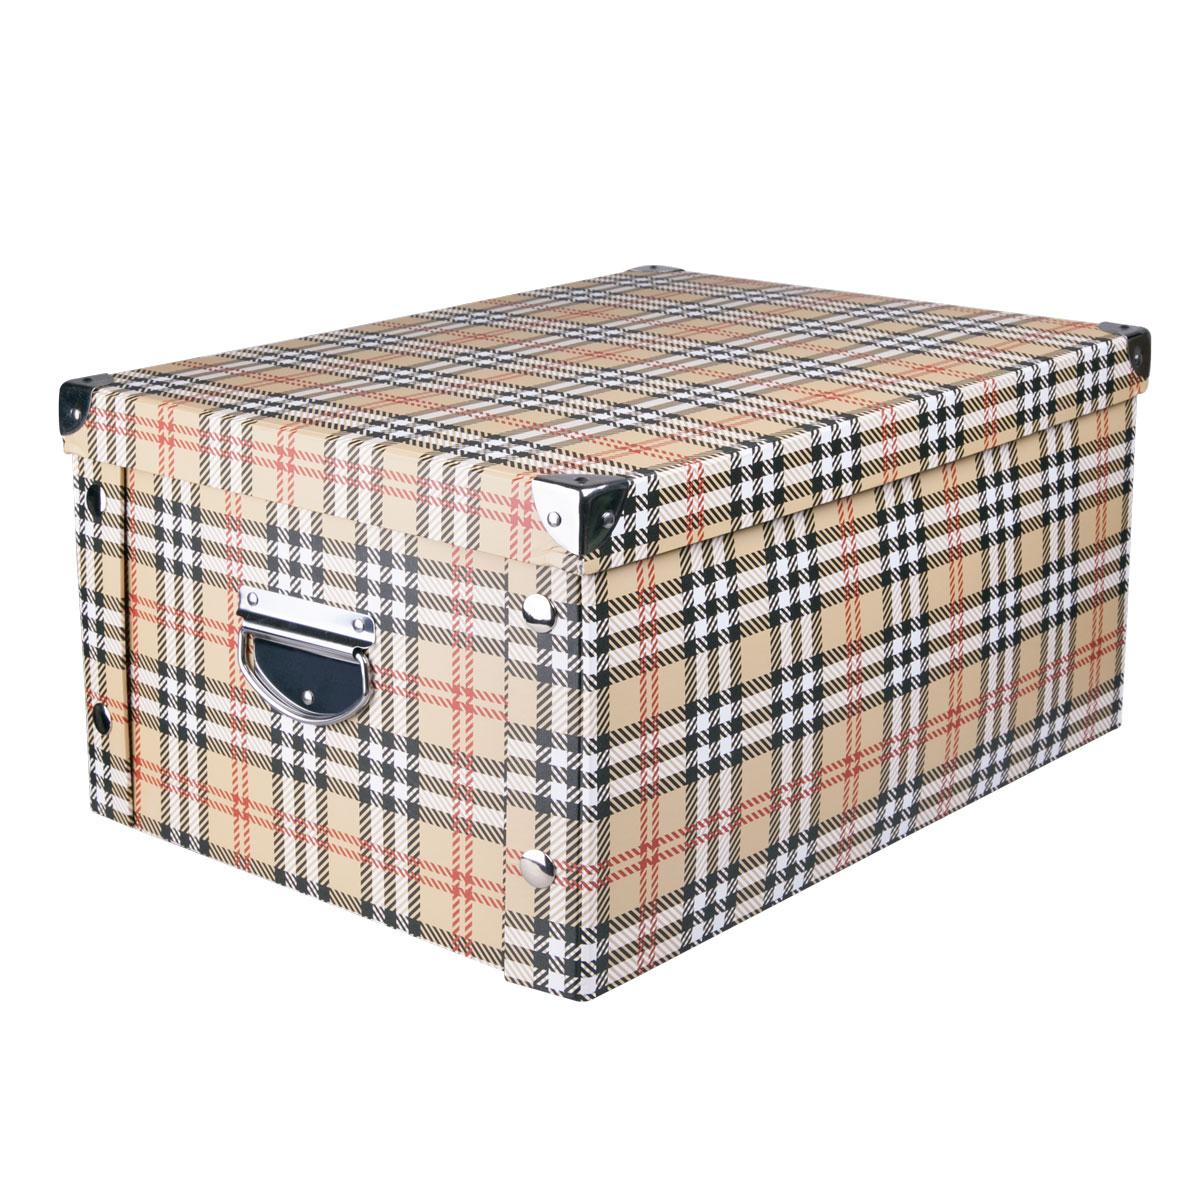 Коробка для хранения Miolla, 40 х 30 х 20 см. CFB-07 короб для xранения miolla круги 30 x 40 x 18 см sbb 04